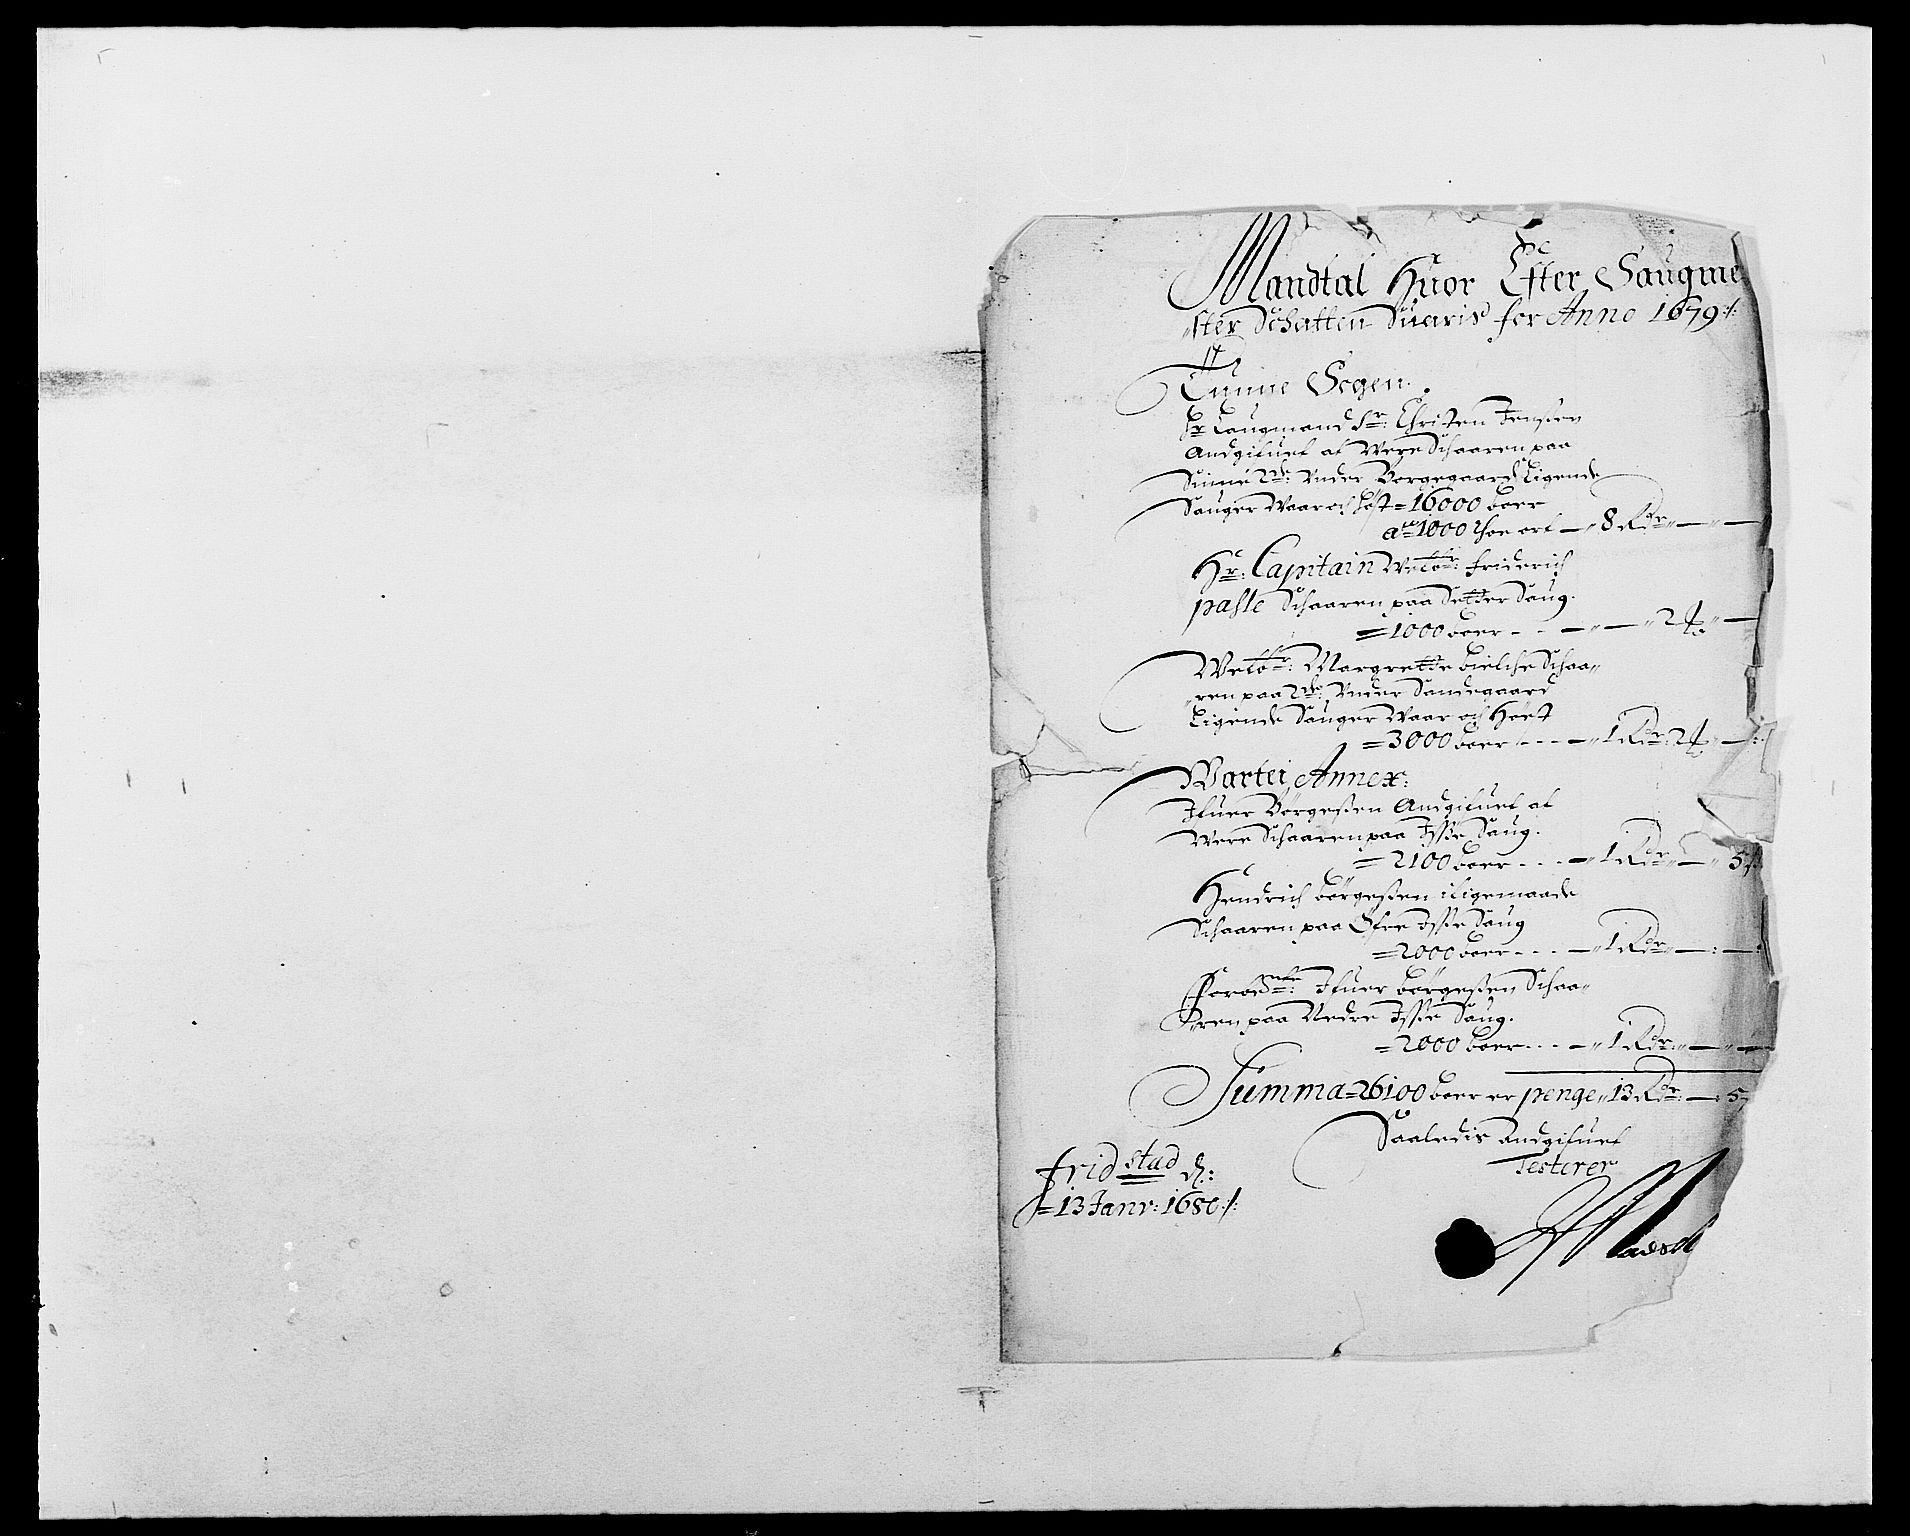 RA, Rentekammeret inntil 1814, Reviderte regnskaper, Fogderegnskap, R03/L0110: Fogderegnskap Onsøy, Tune, Veme og Åbygge fogderi, 1678-1679, s. 250